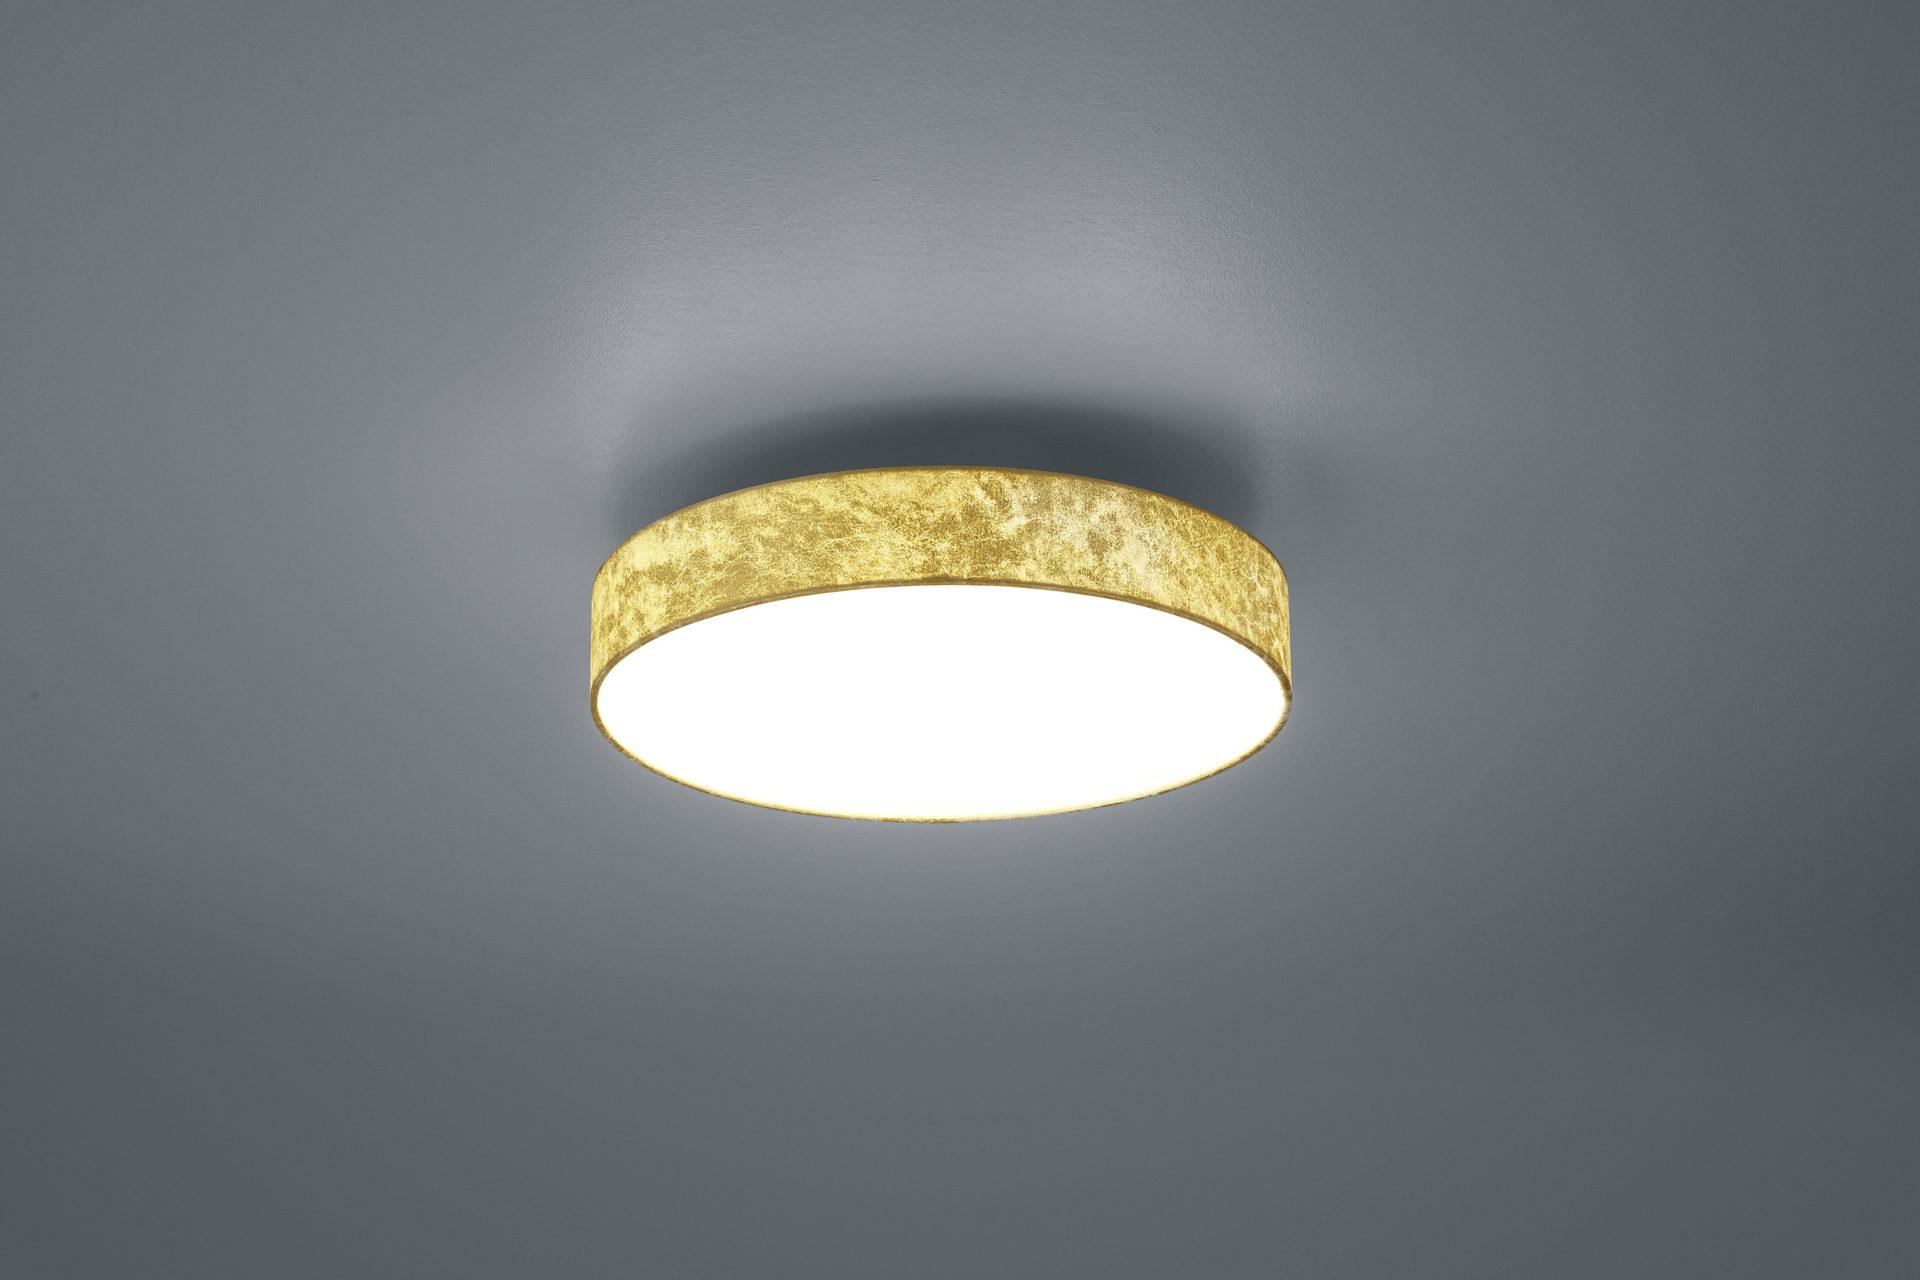 Möbel Bohn Crailsheim | Räume | Schlafzimmer | Lampen + Leuchten ...